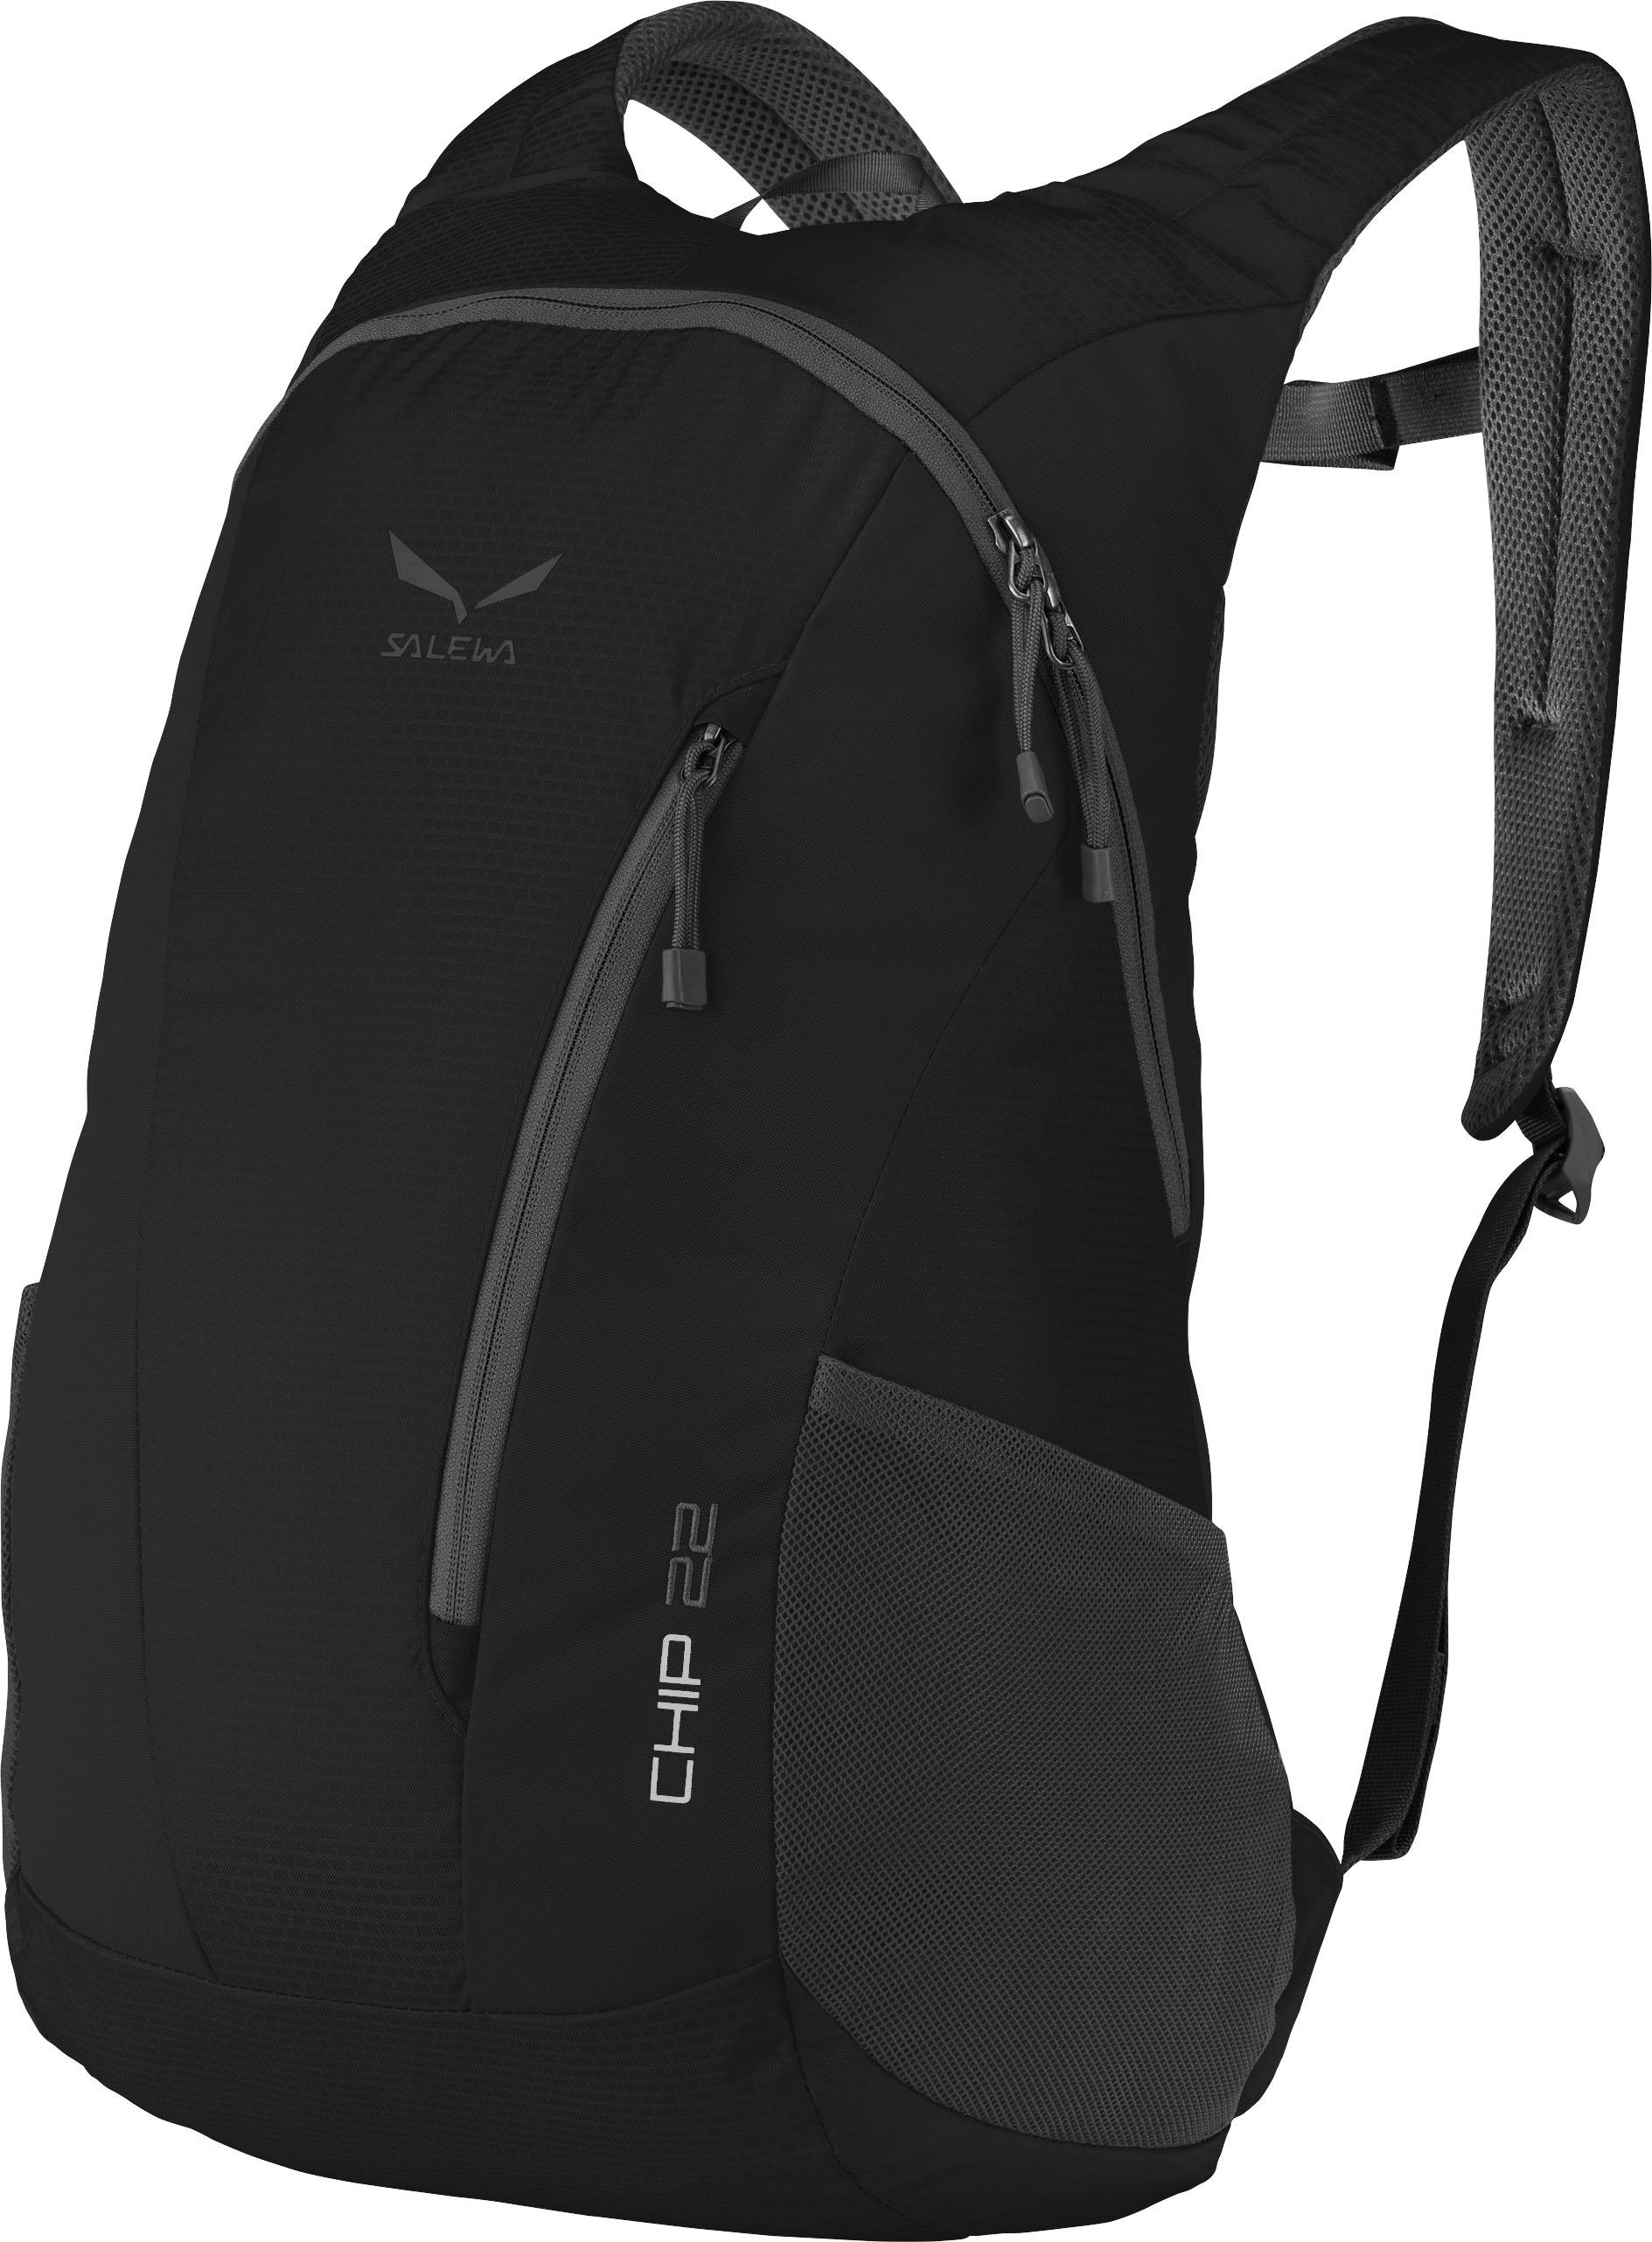 Купить Рюкзак Salewa Daypacks CHIP 22 BP BLACK / Рюкзаки городские 1166616